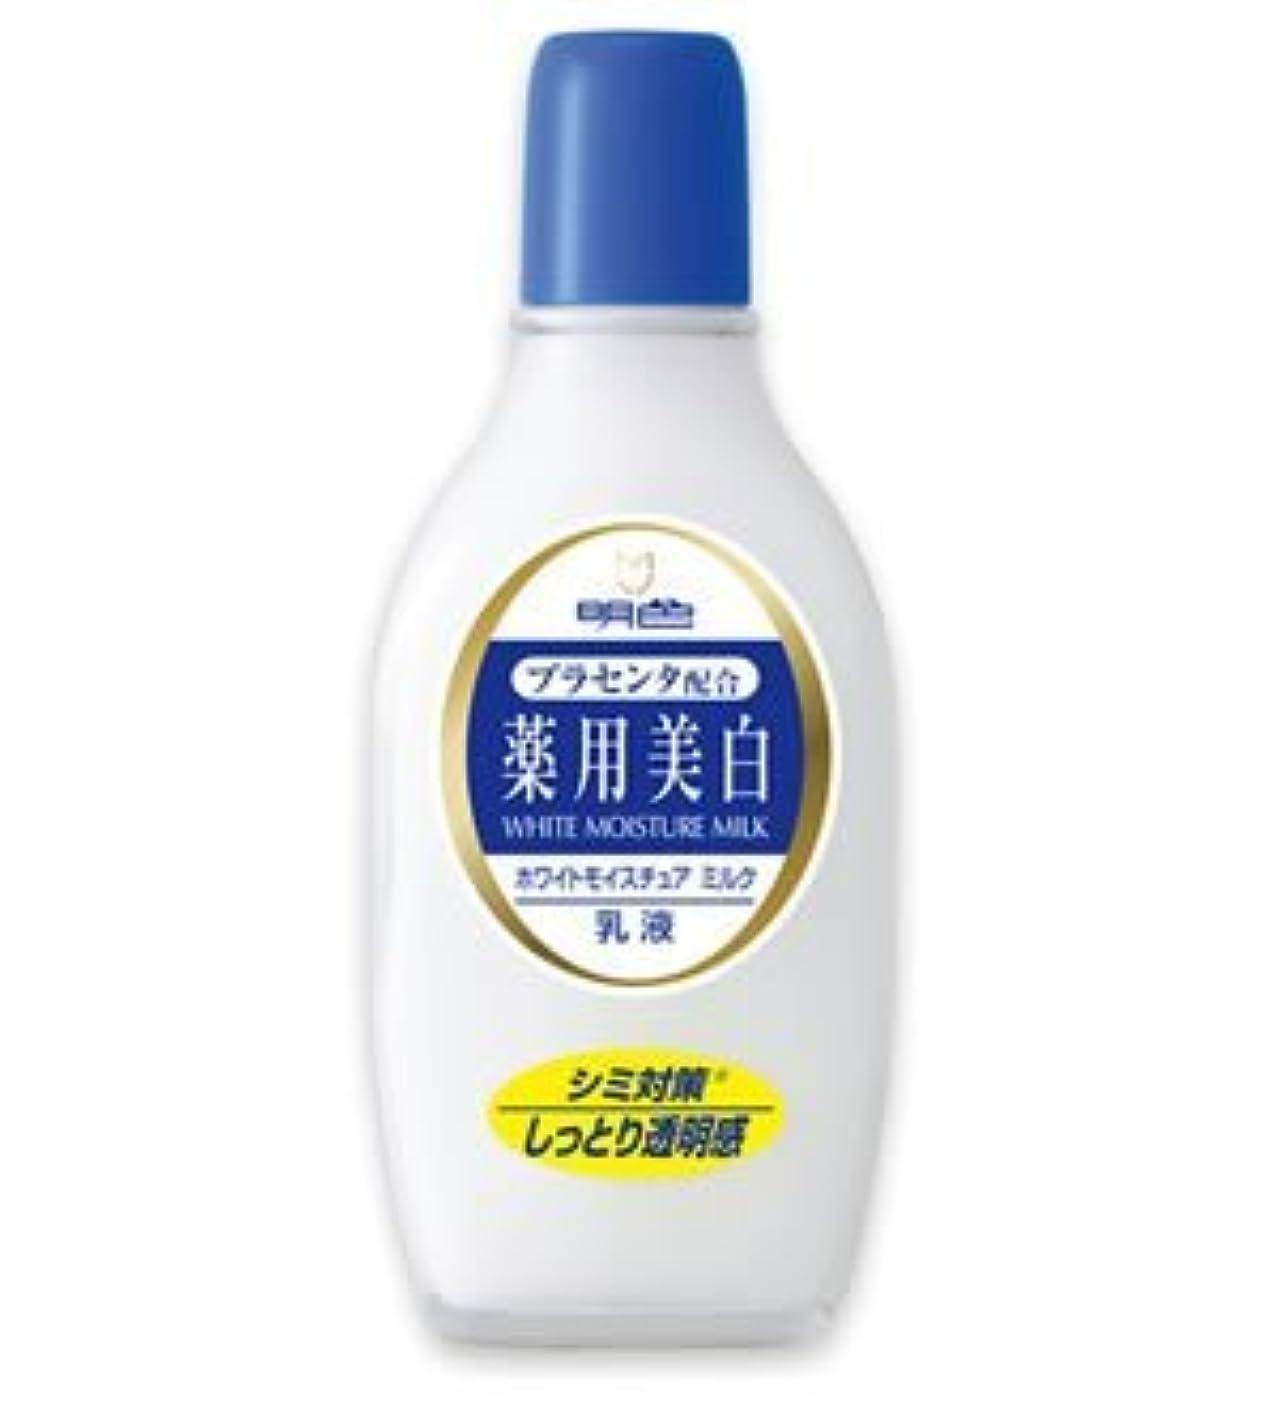 判決パリティ同様に(明色)薬用ホワイトモイスチュアミルク 158ml(医薬部外品)(お買い得3本セット)